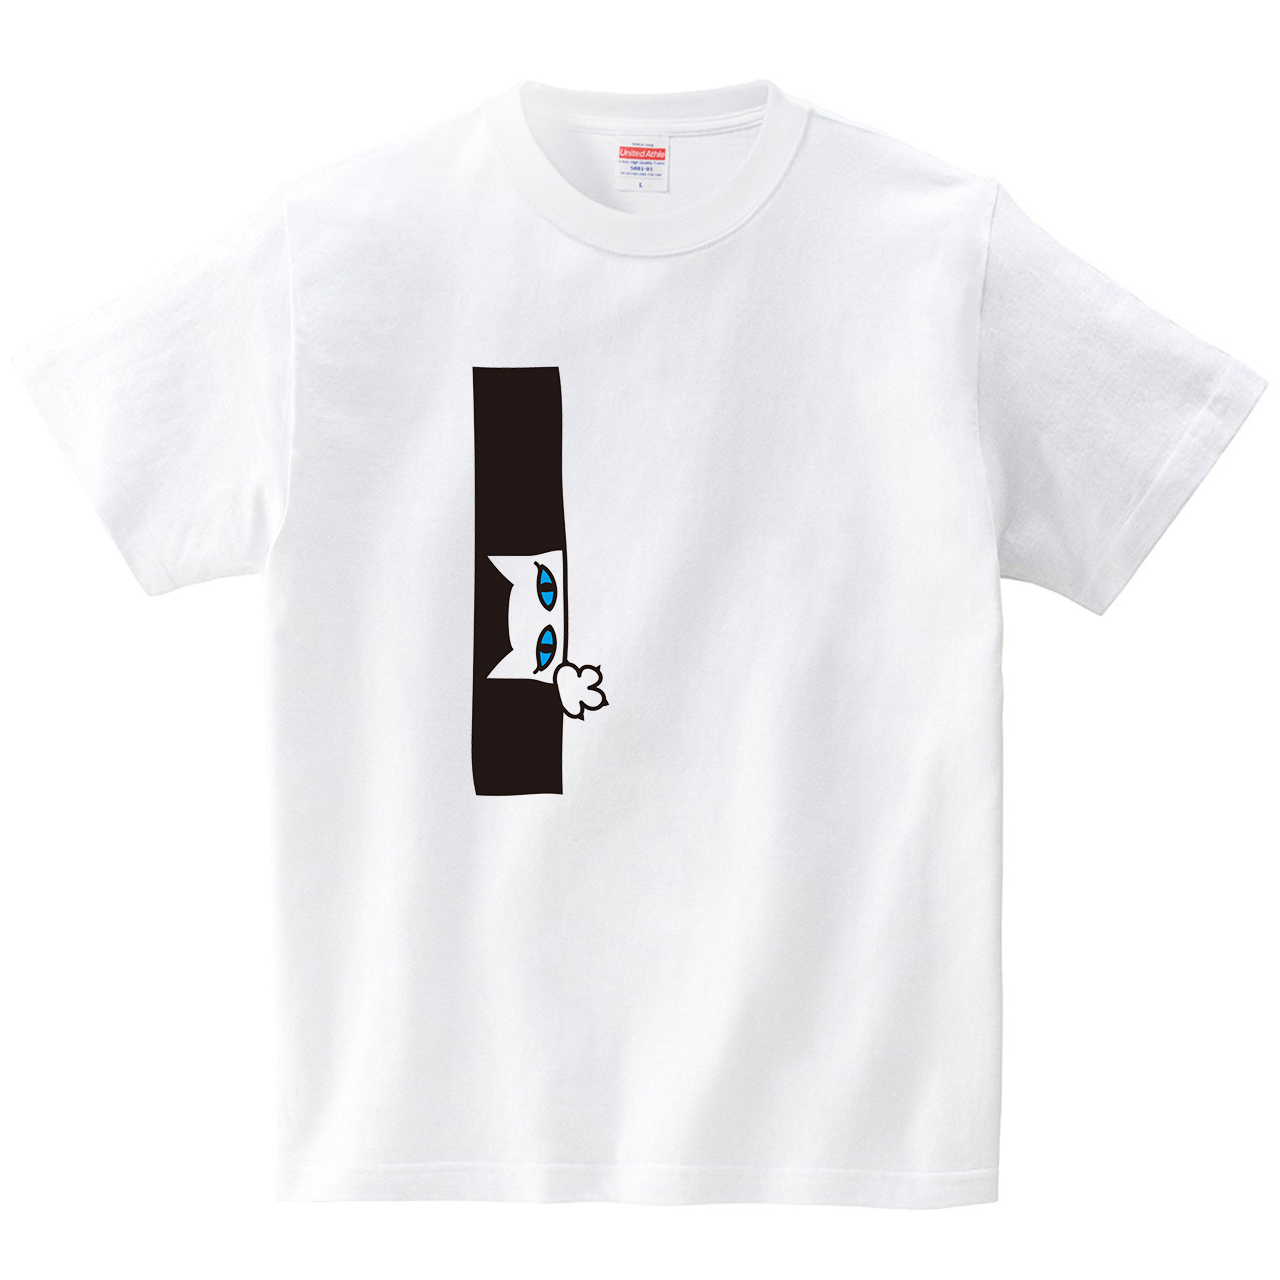 覗きネコ(Tシャツ・ホワイト)(CHATON_CATON_T)